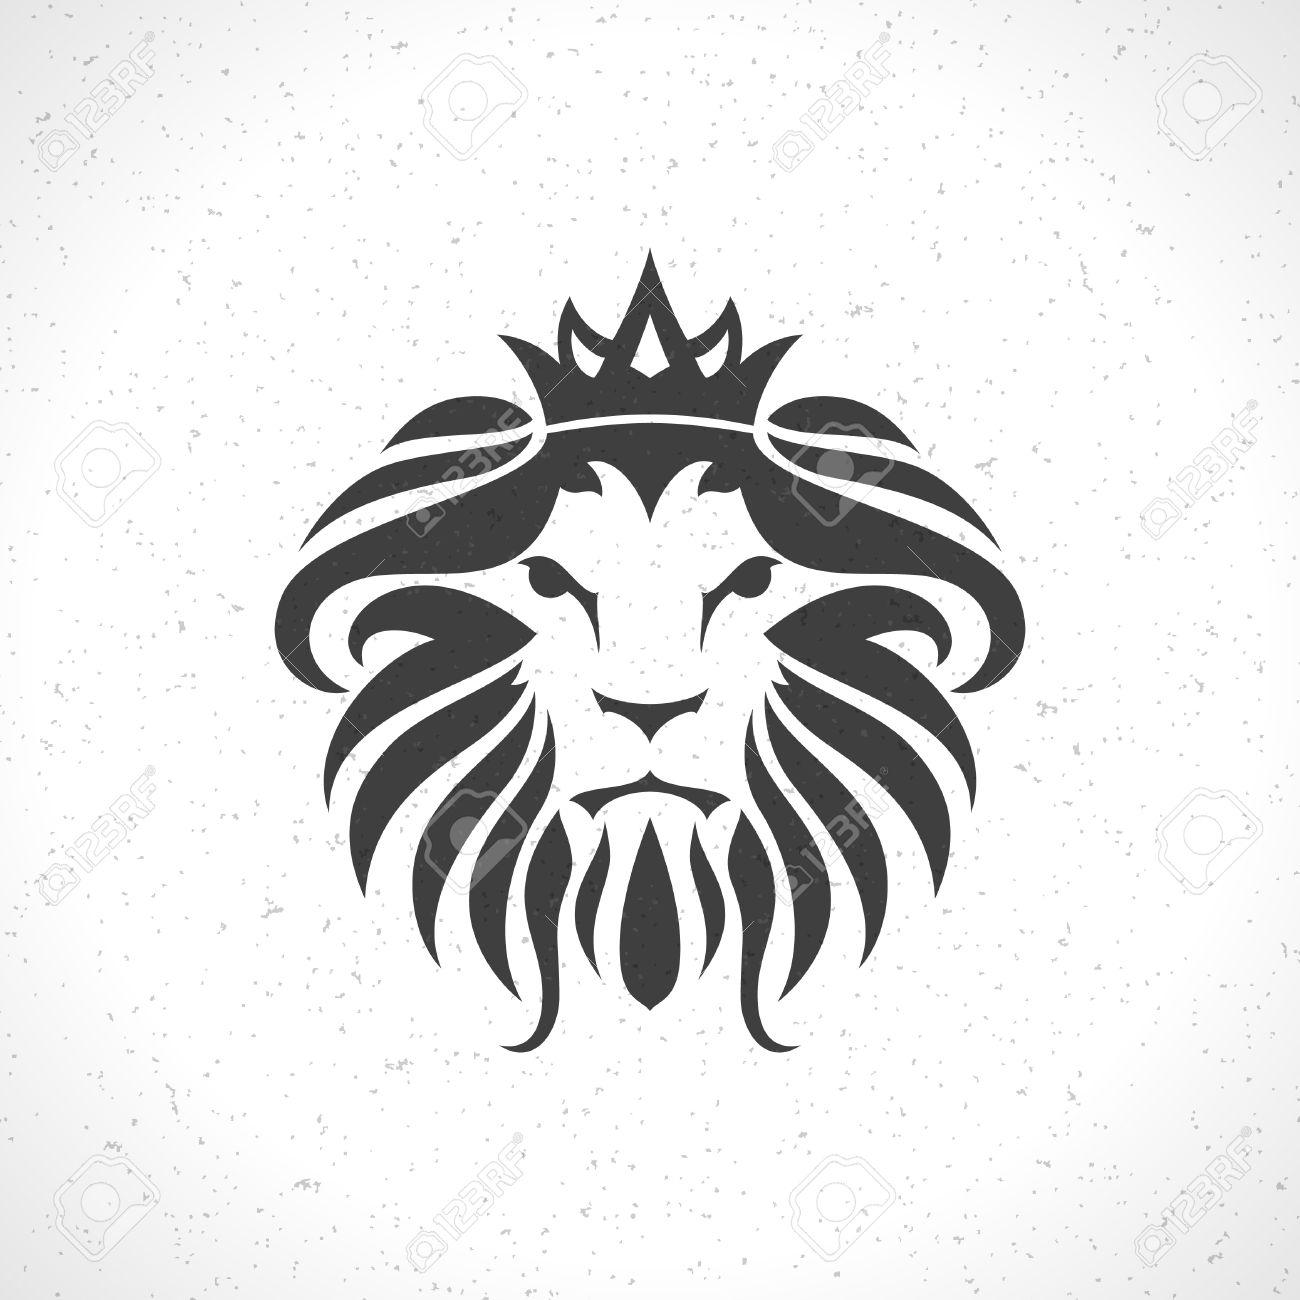 Cara Del León Plantilla Icono Emblema Para El Diseño De Negocios O ...